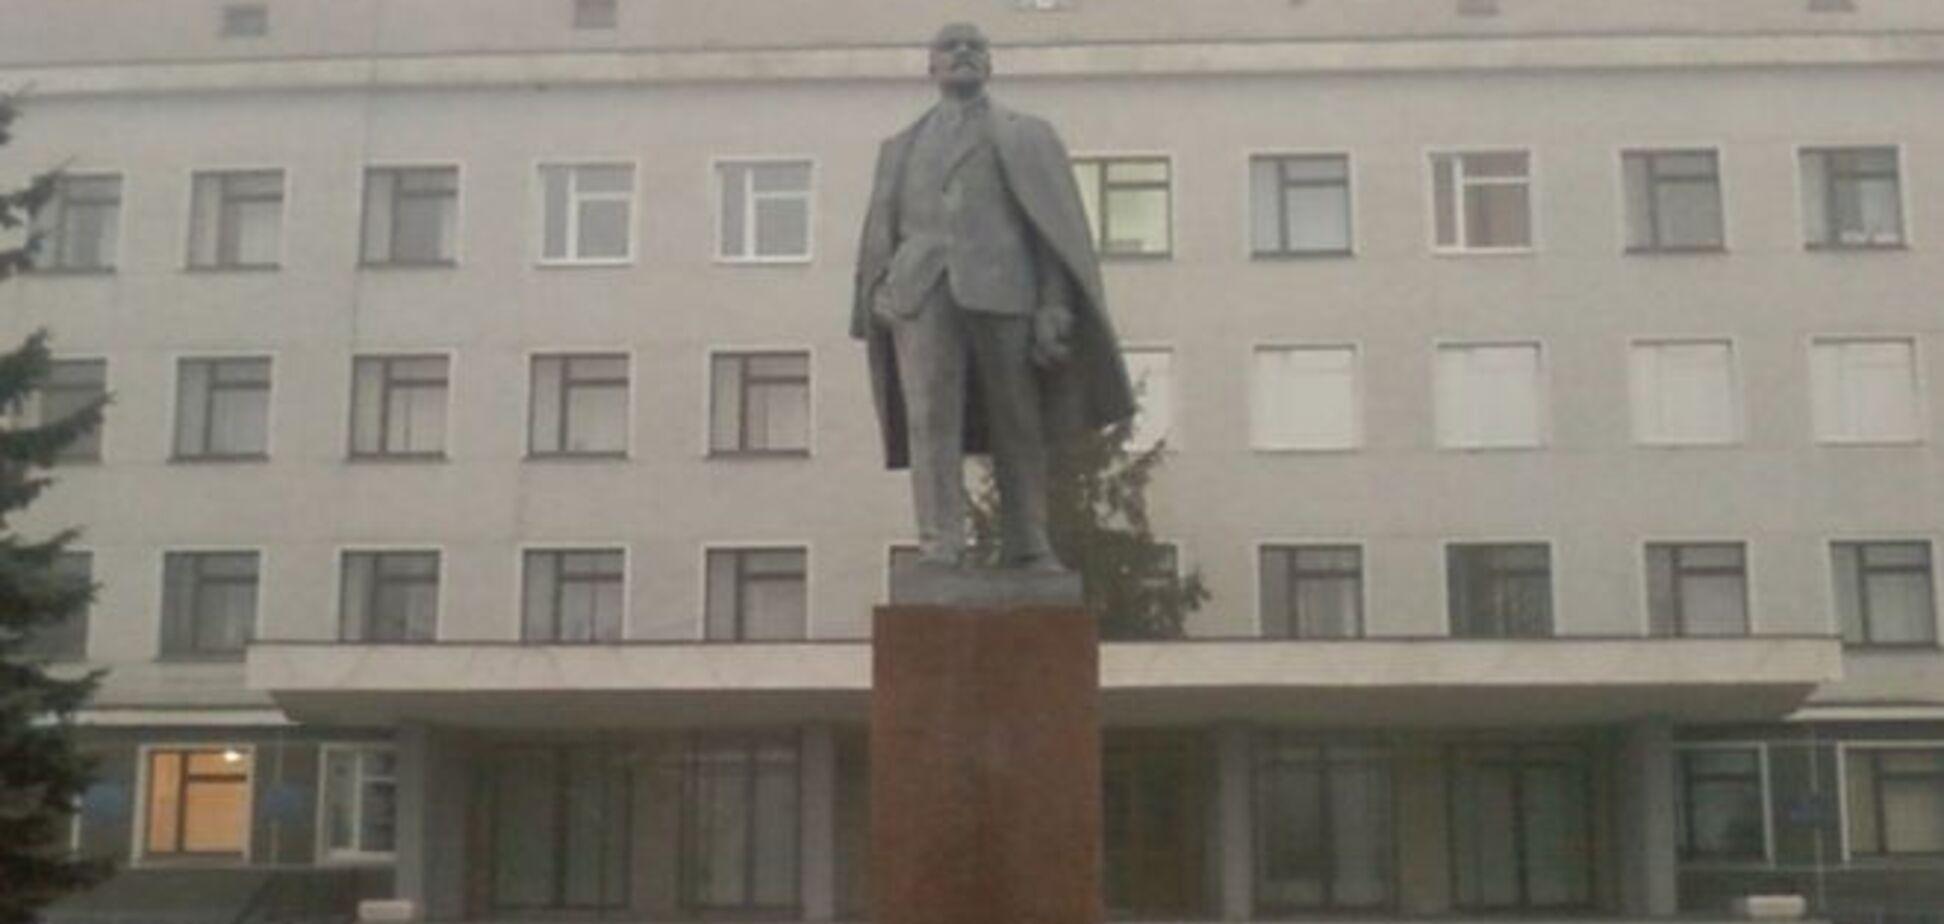 Суд дозволив знести пам'ятник Леніну на Житомирщині